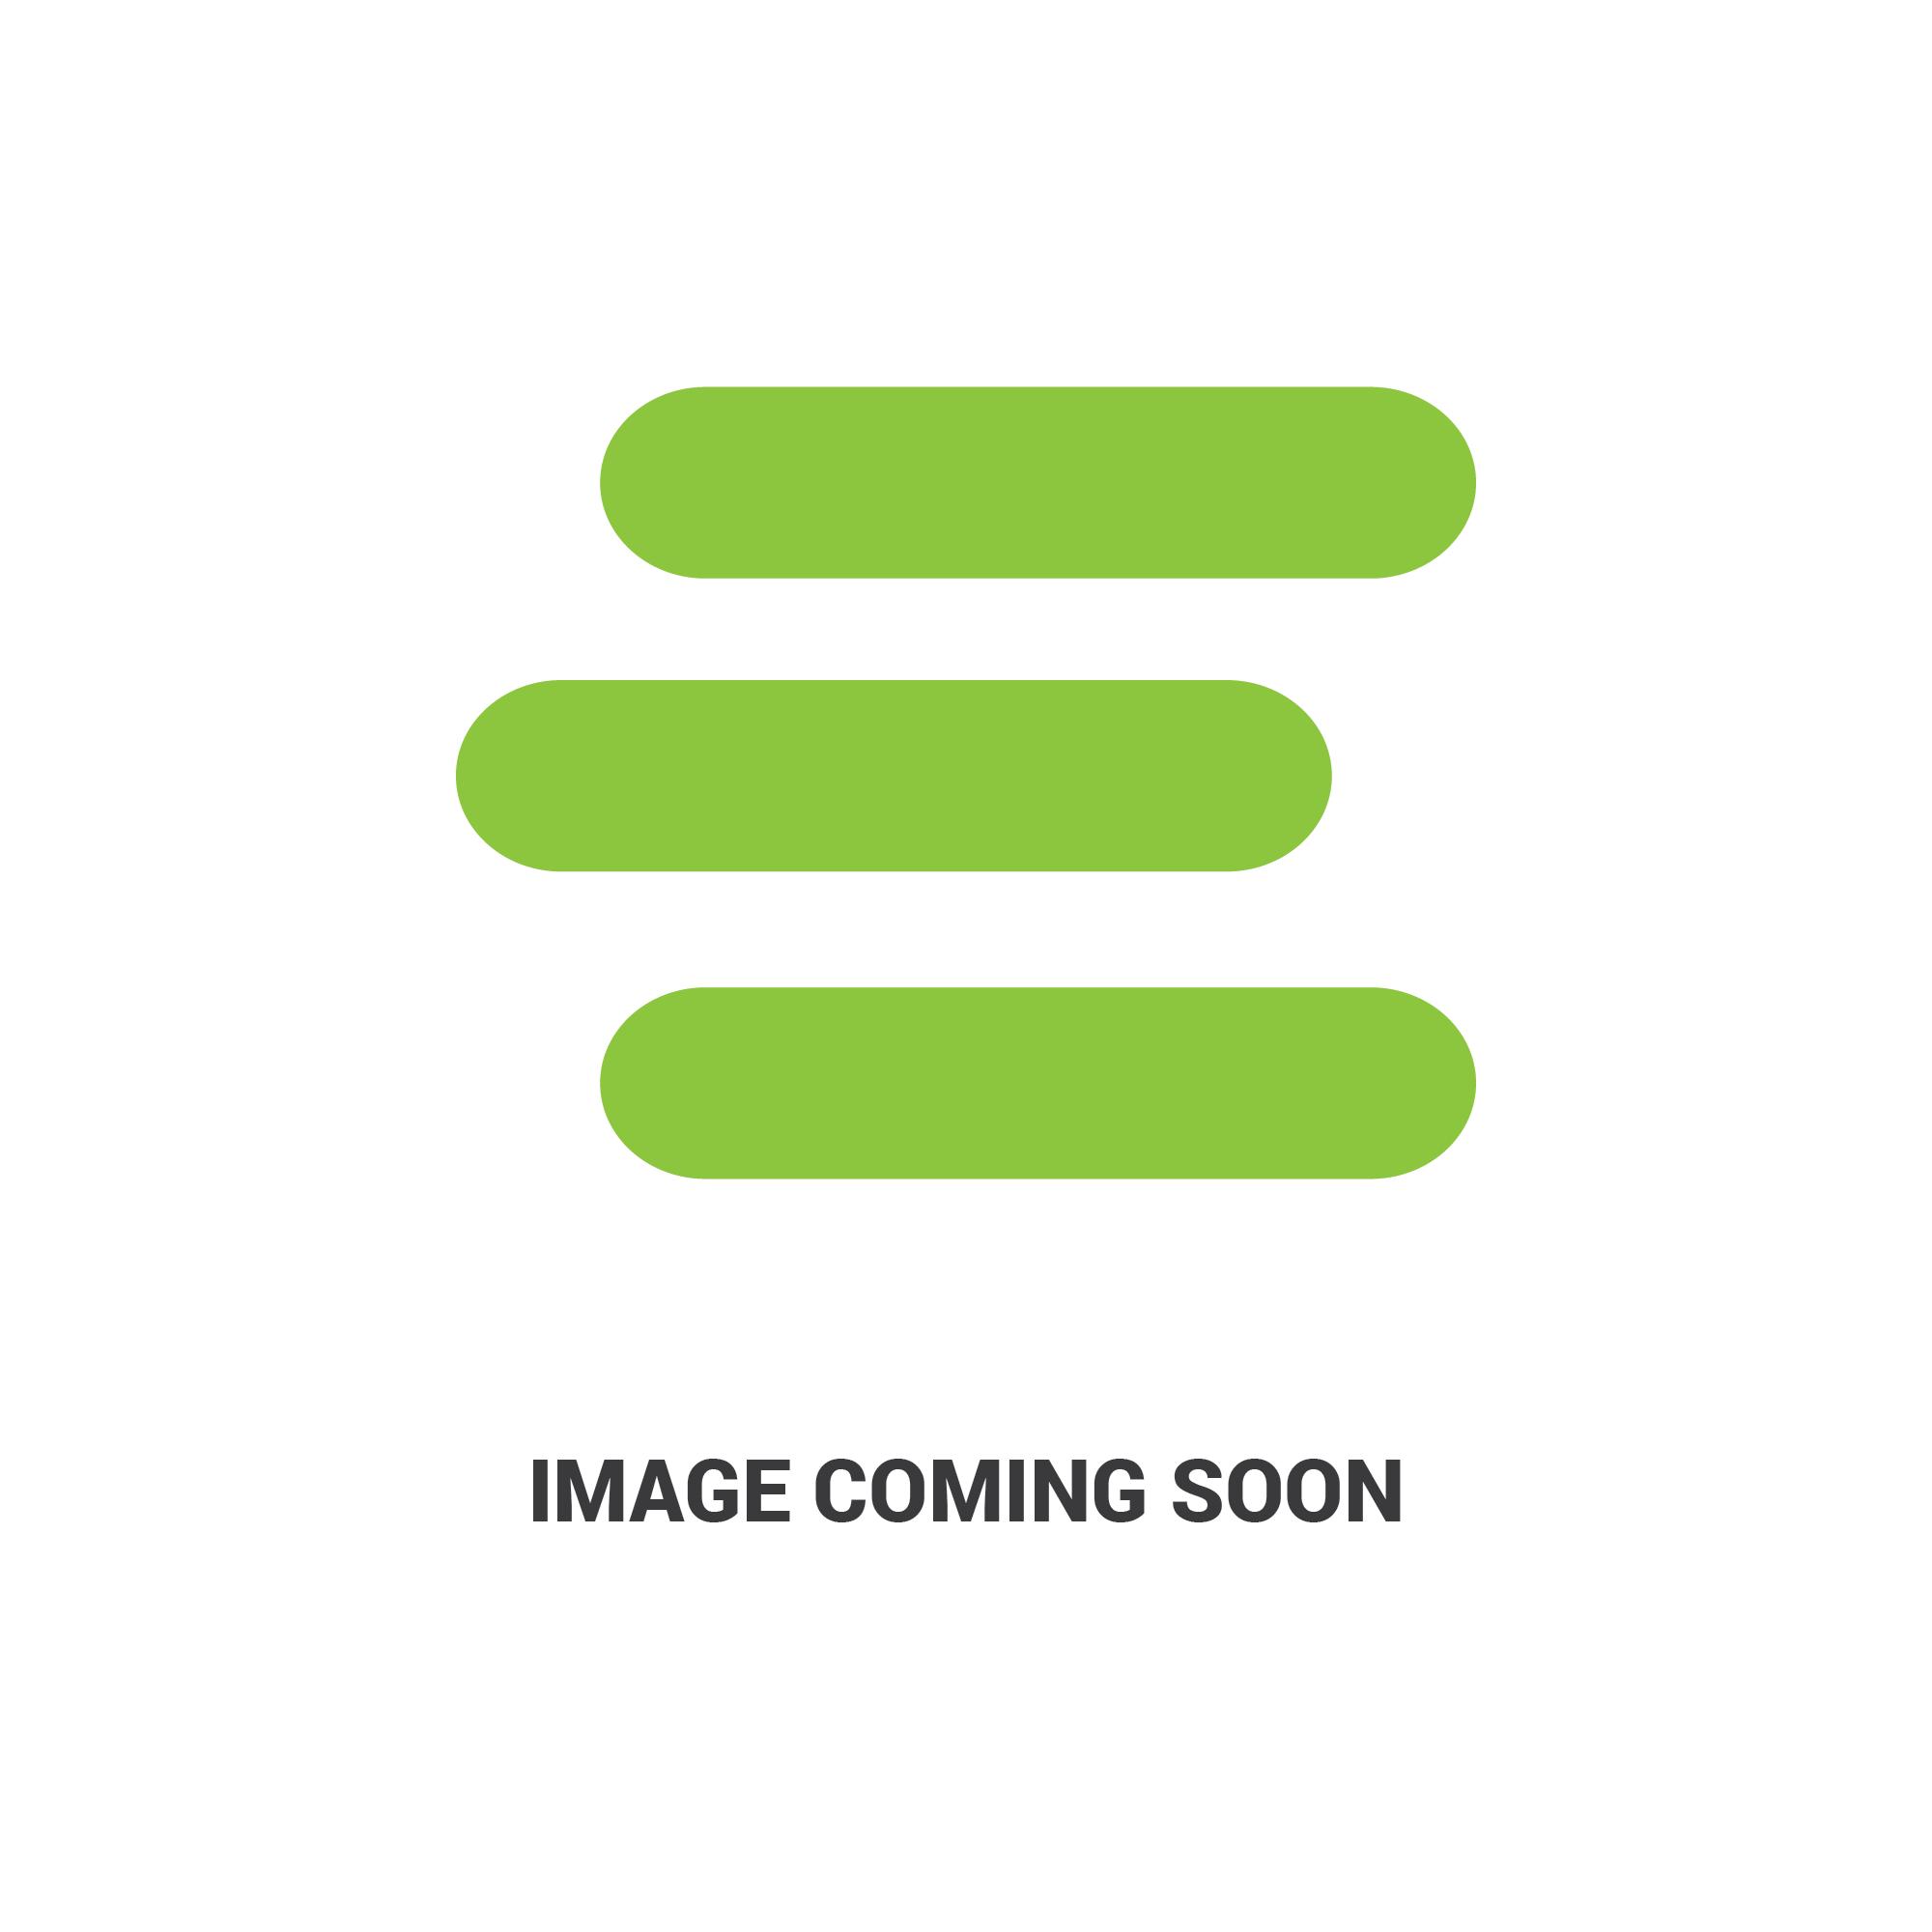 E-T1060-42020edit 1.jpg